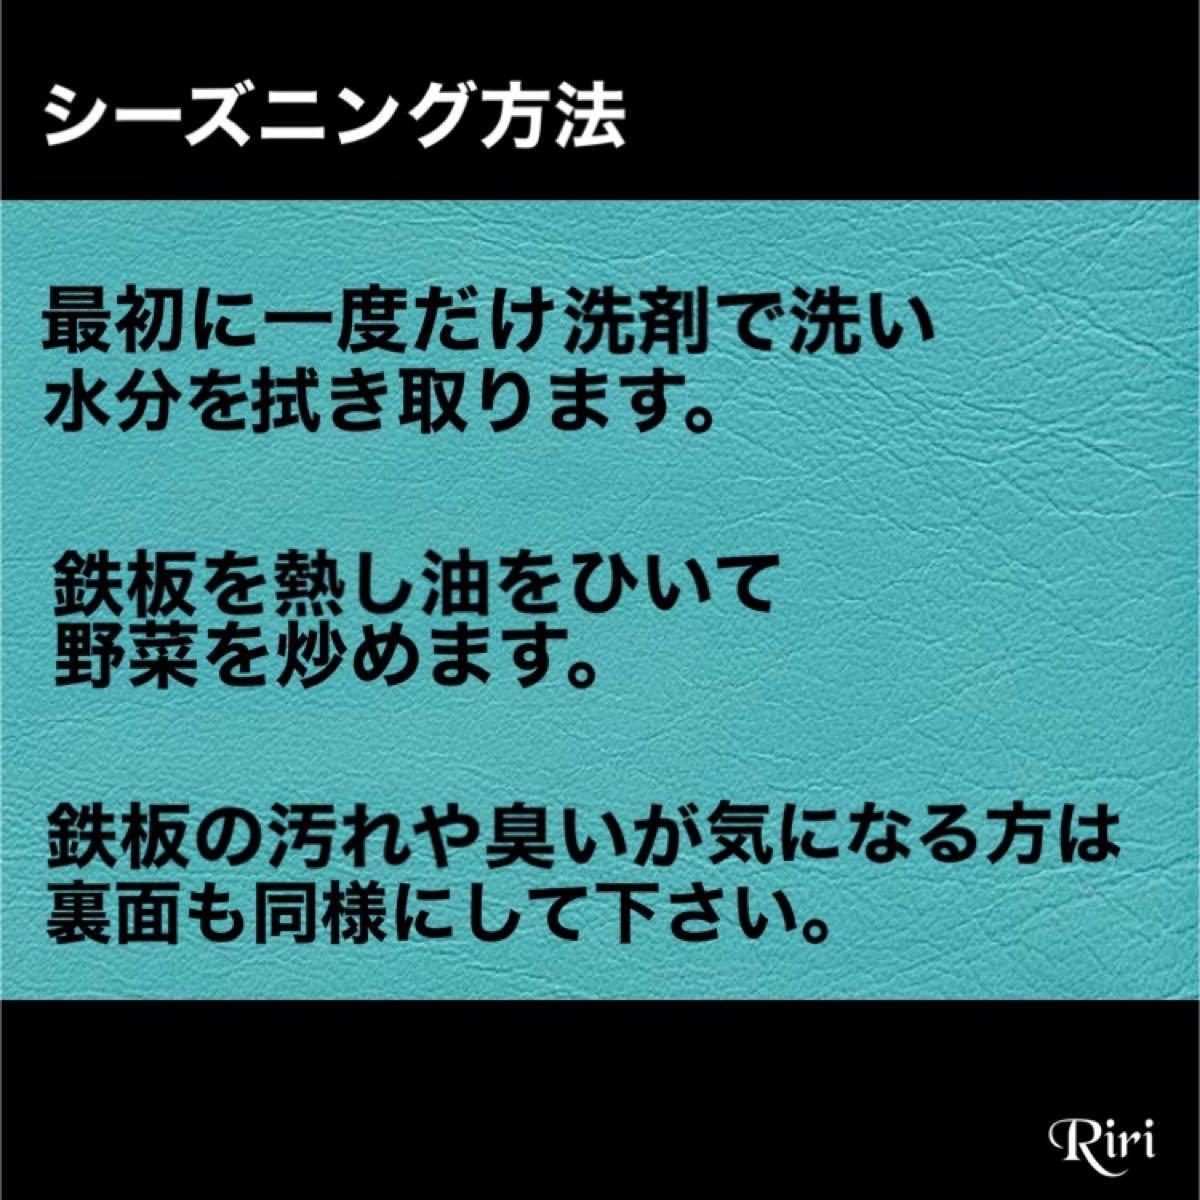 鉄板/アウトドア/キャンプ /DAISO/トランギア/ラージ/単品